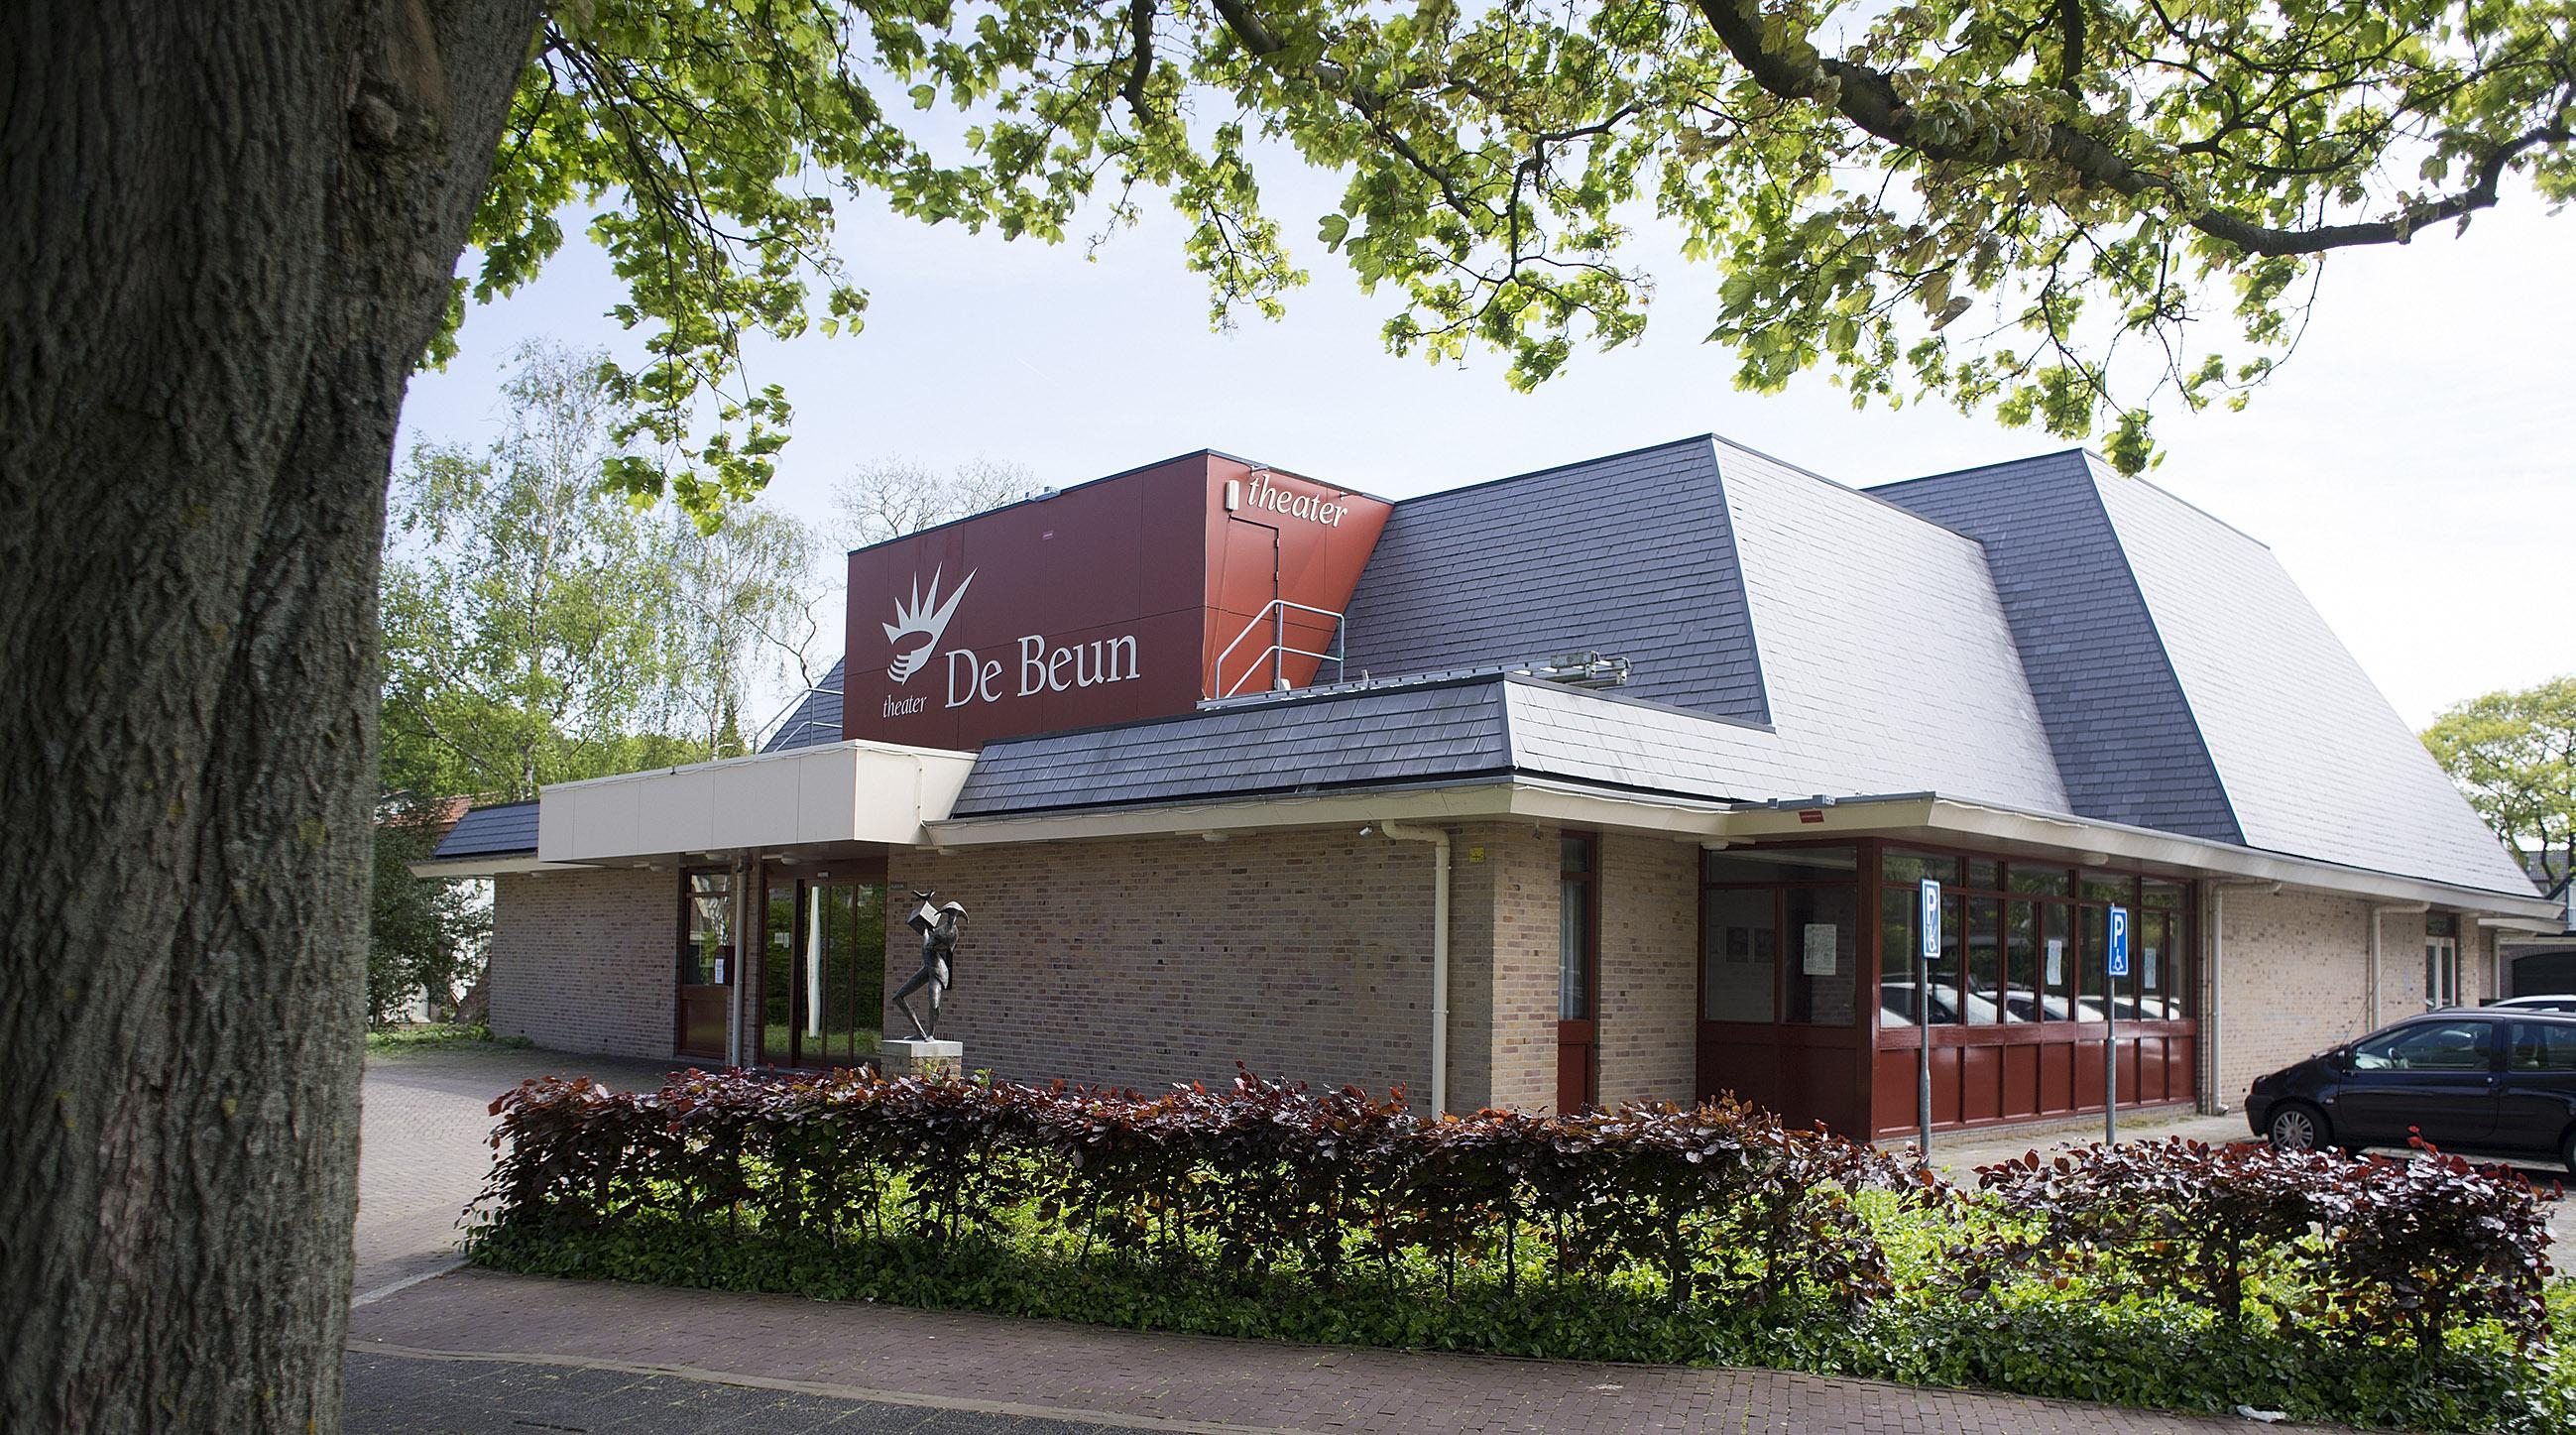 Verbijstering alom. Waarom wel een ontheffing voor De Beun in Heiloo, maar niet voor de veel grotere Cultuurkoepel en voor Podium Victorie in Alkmaar?